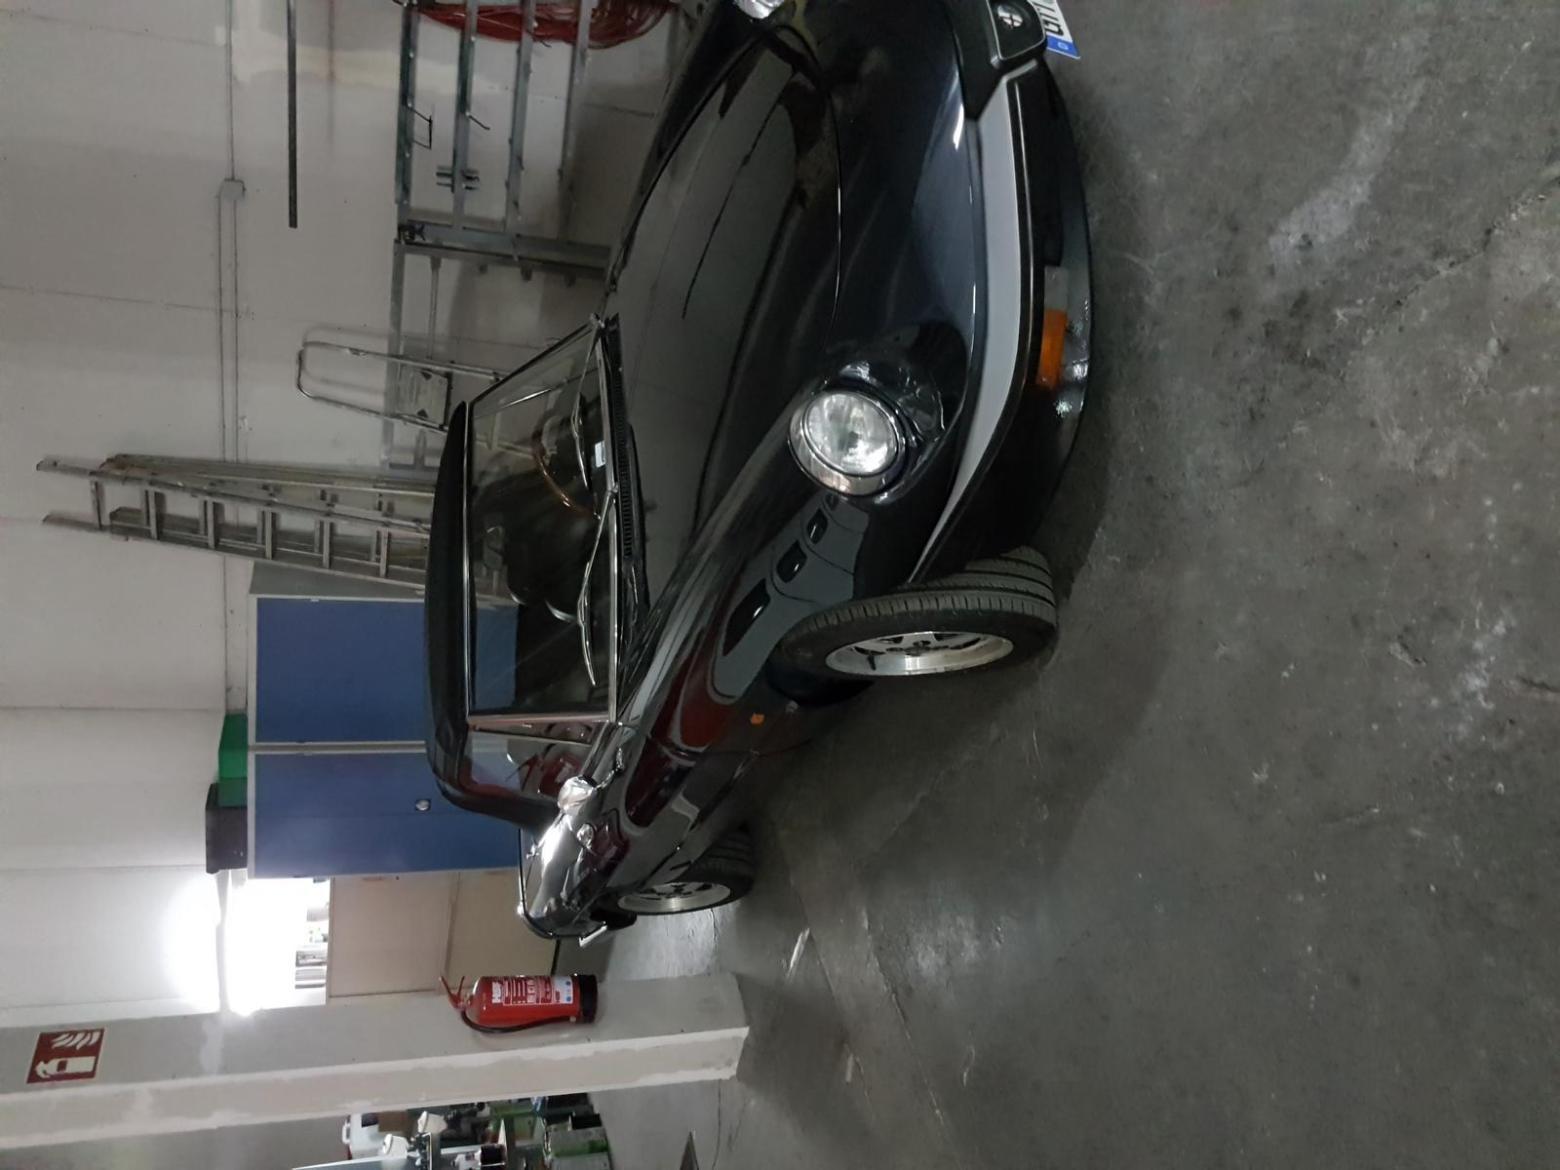 https://i2.wp.com/lte-wp.com/wp-content/uploads/2017/08/Alfa_Romeo_Spider_nacherS7-12.jpg?w=1170